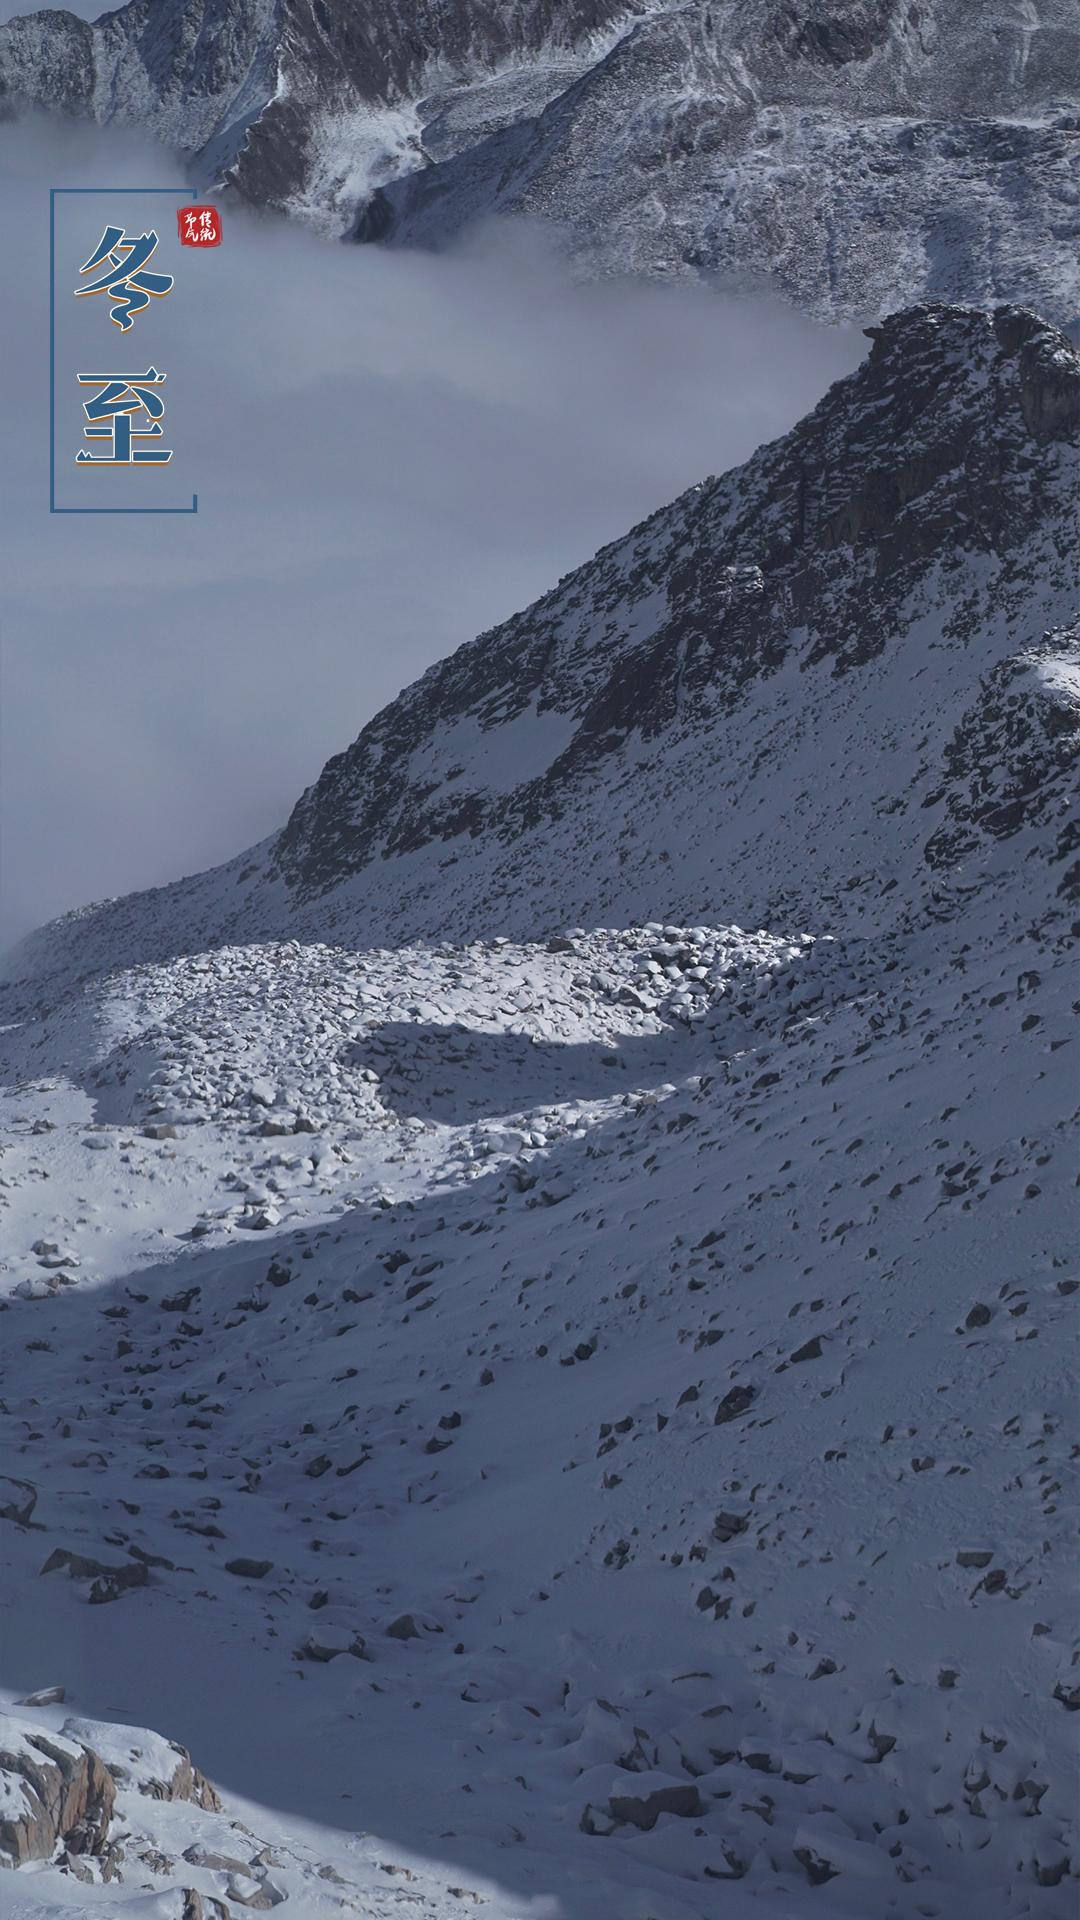 冬至时节雪山白色壁纸图片